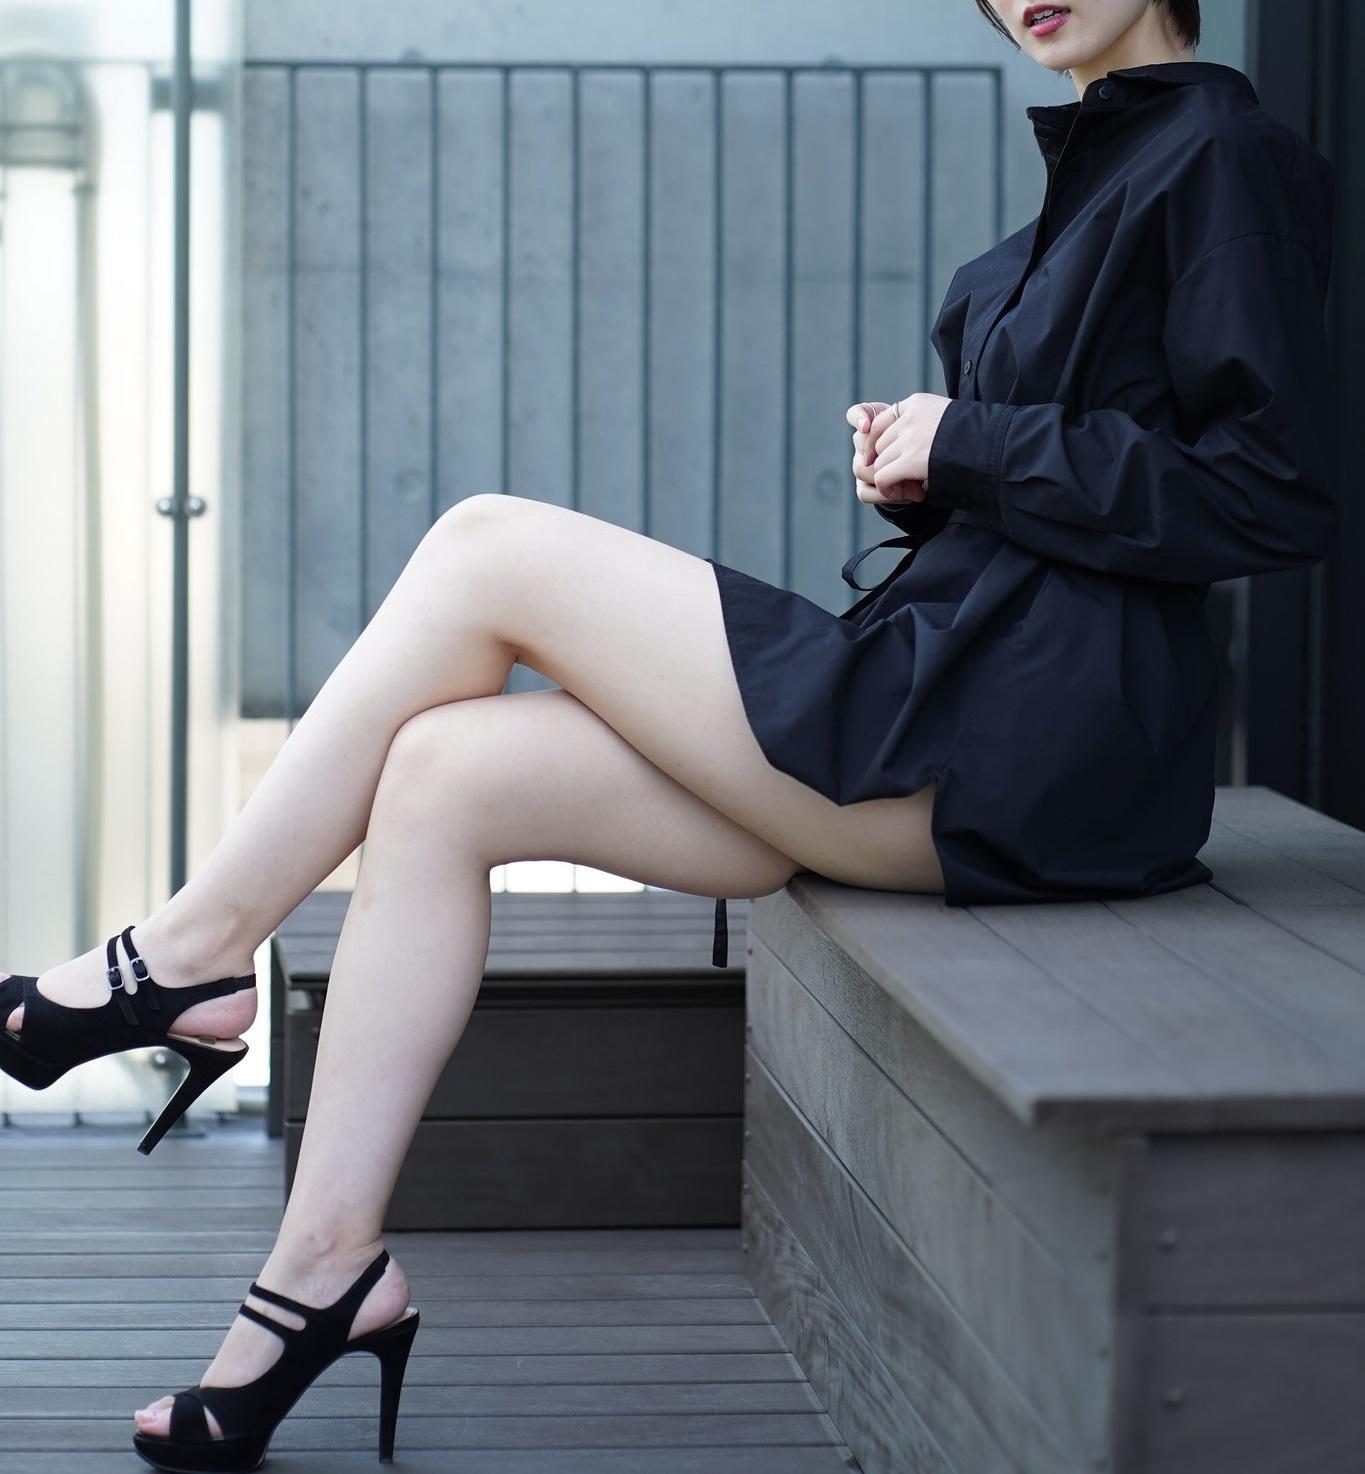 エロな脚にトキめく夏7